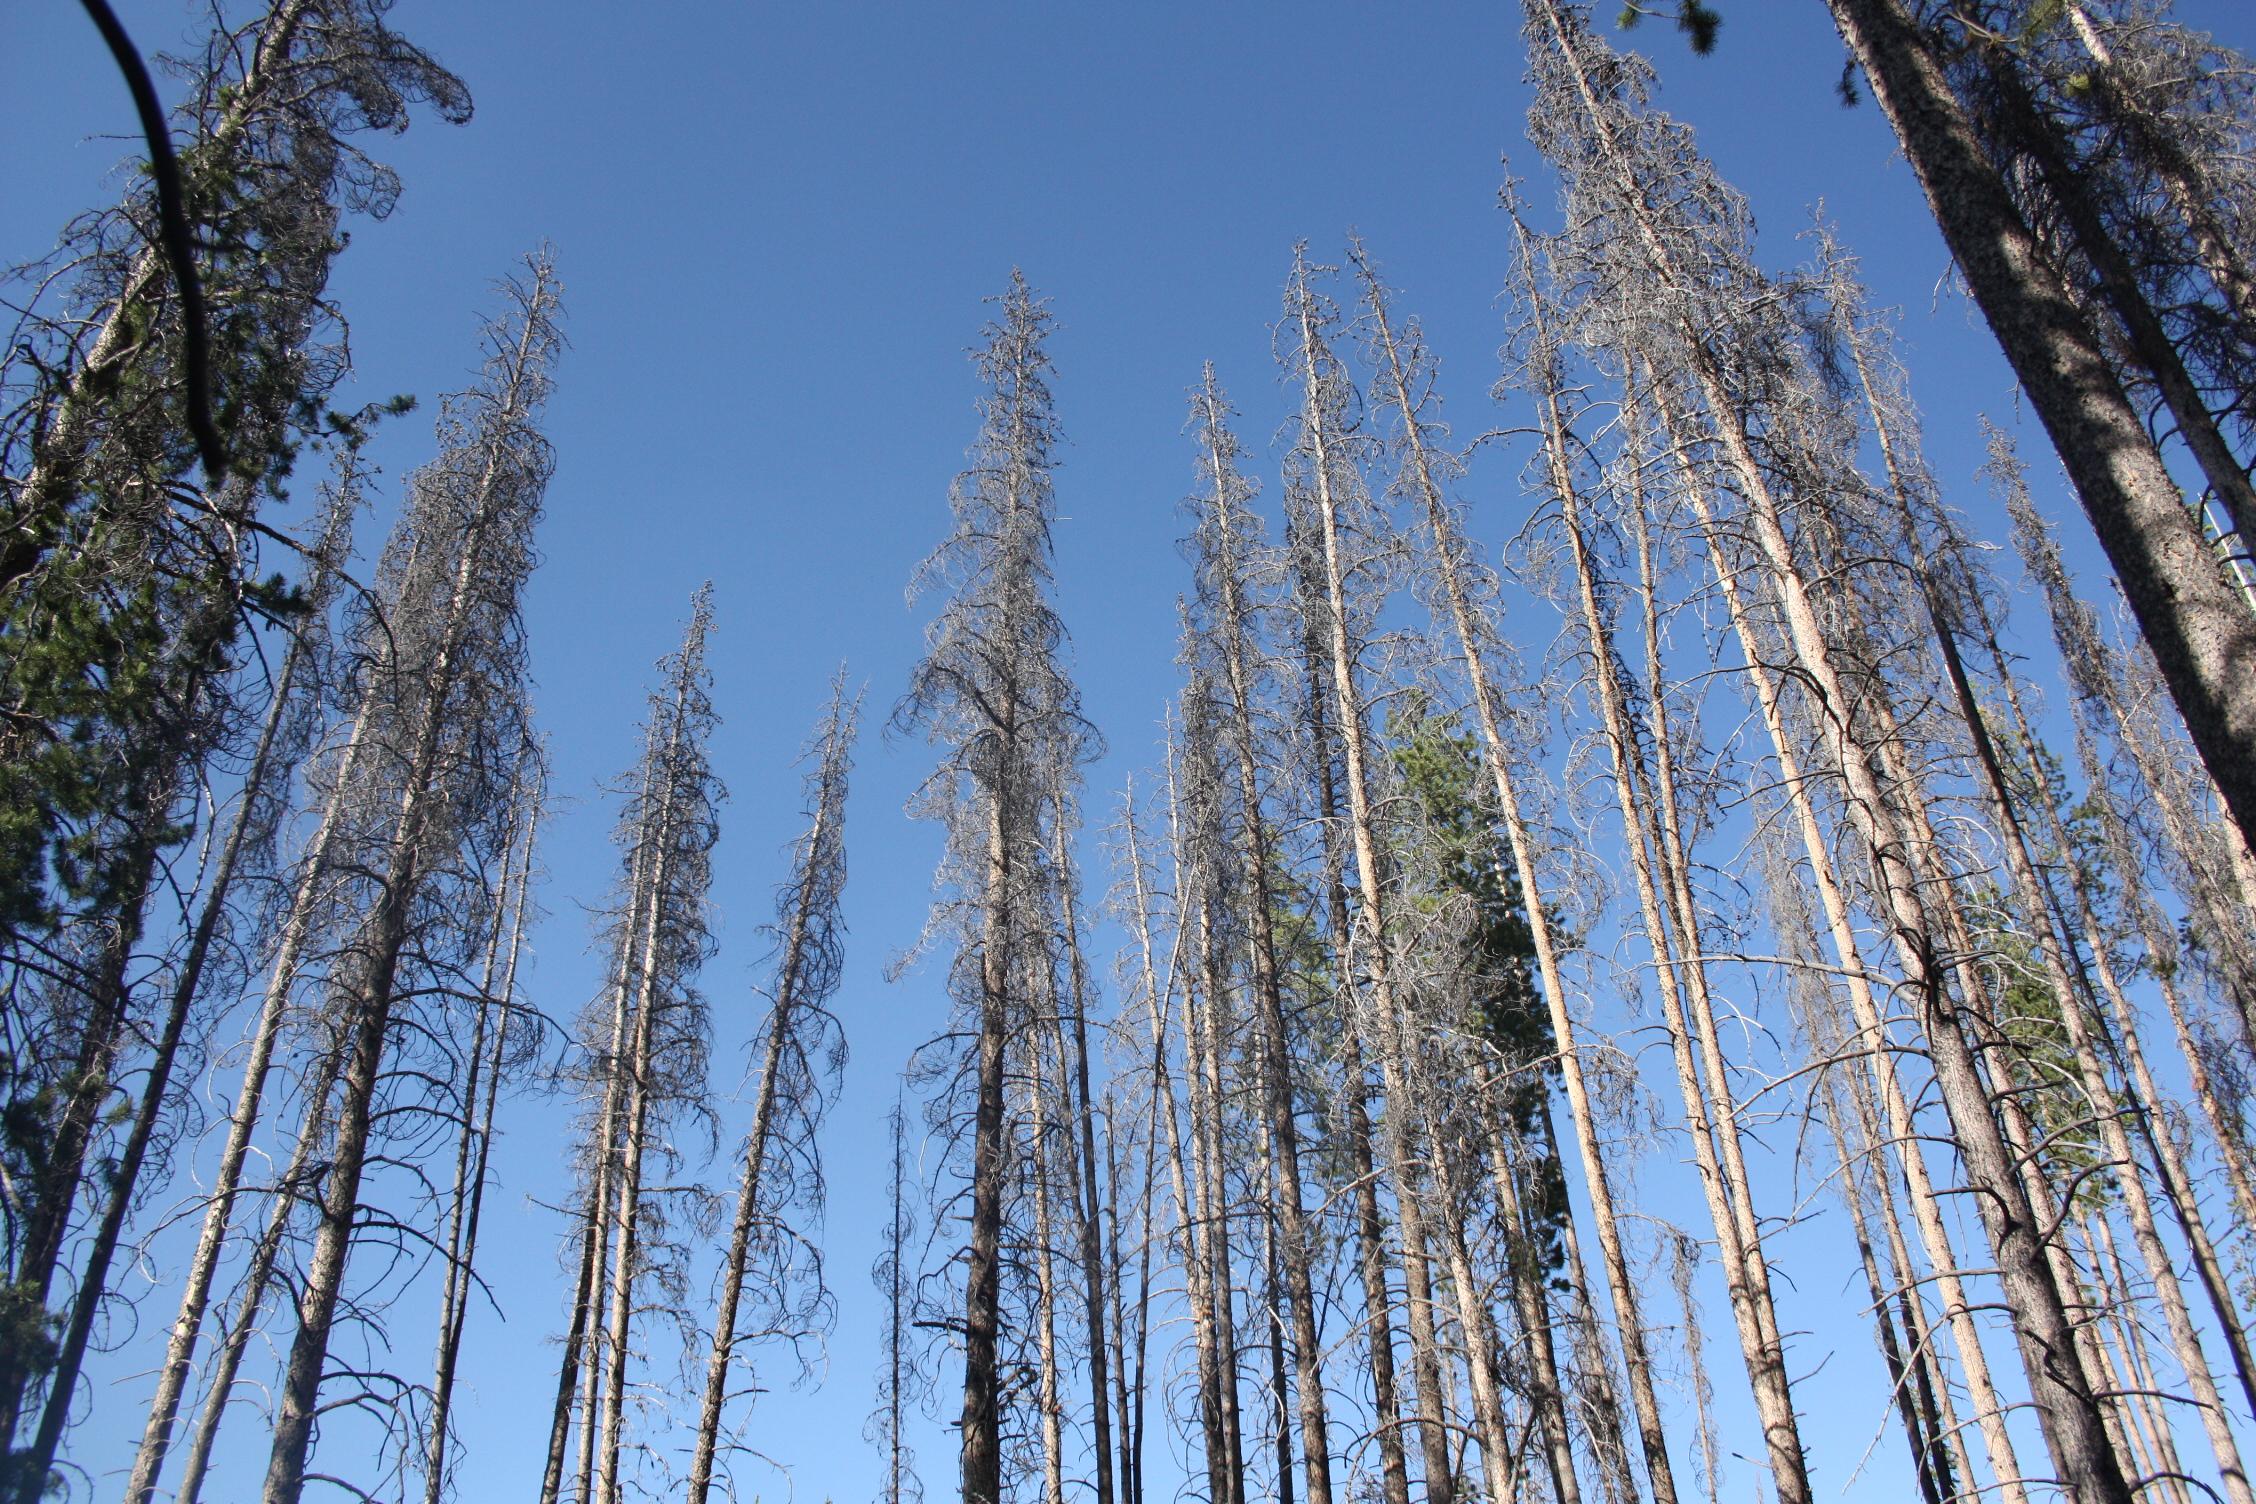 Dead spruce near Steamboat Springs, Colorado